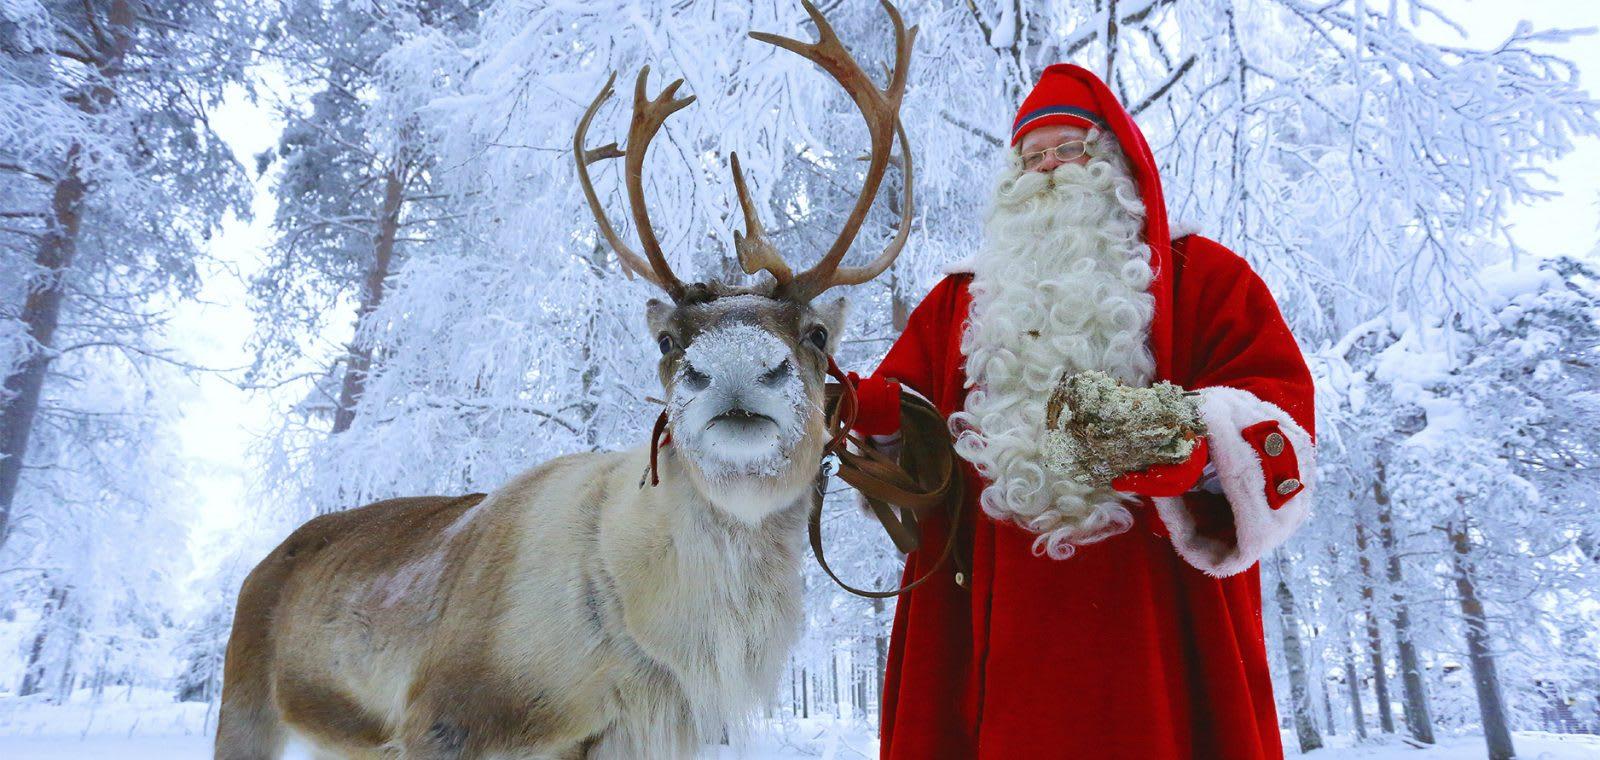 聖誕老人,圖片取自santaclausvillage.info。